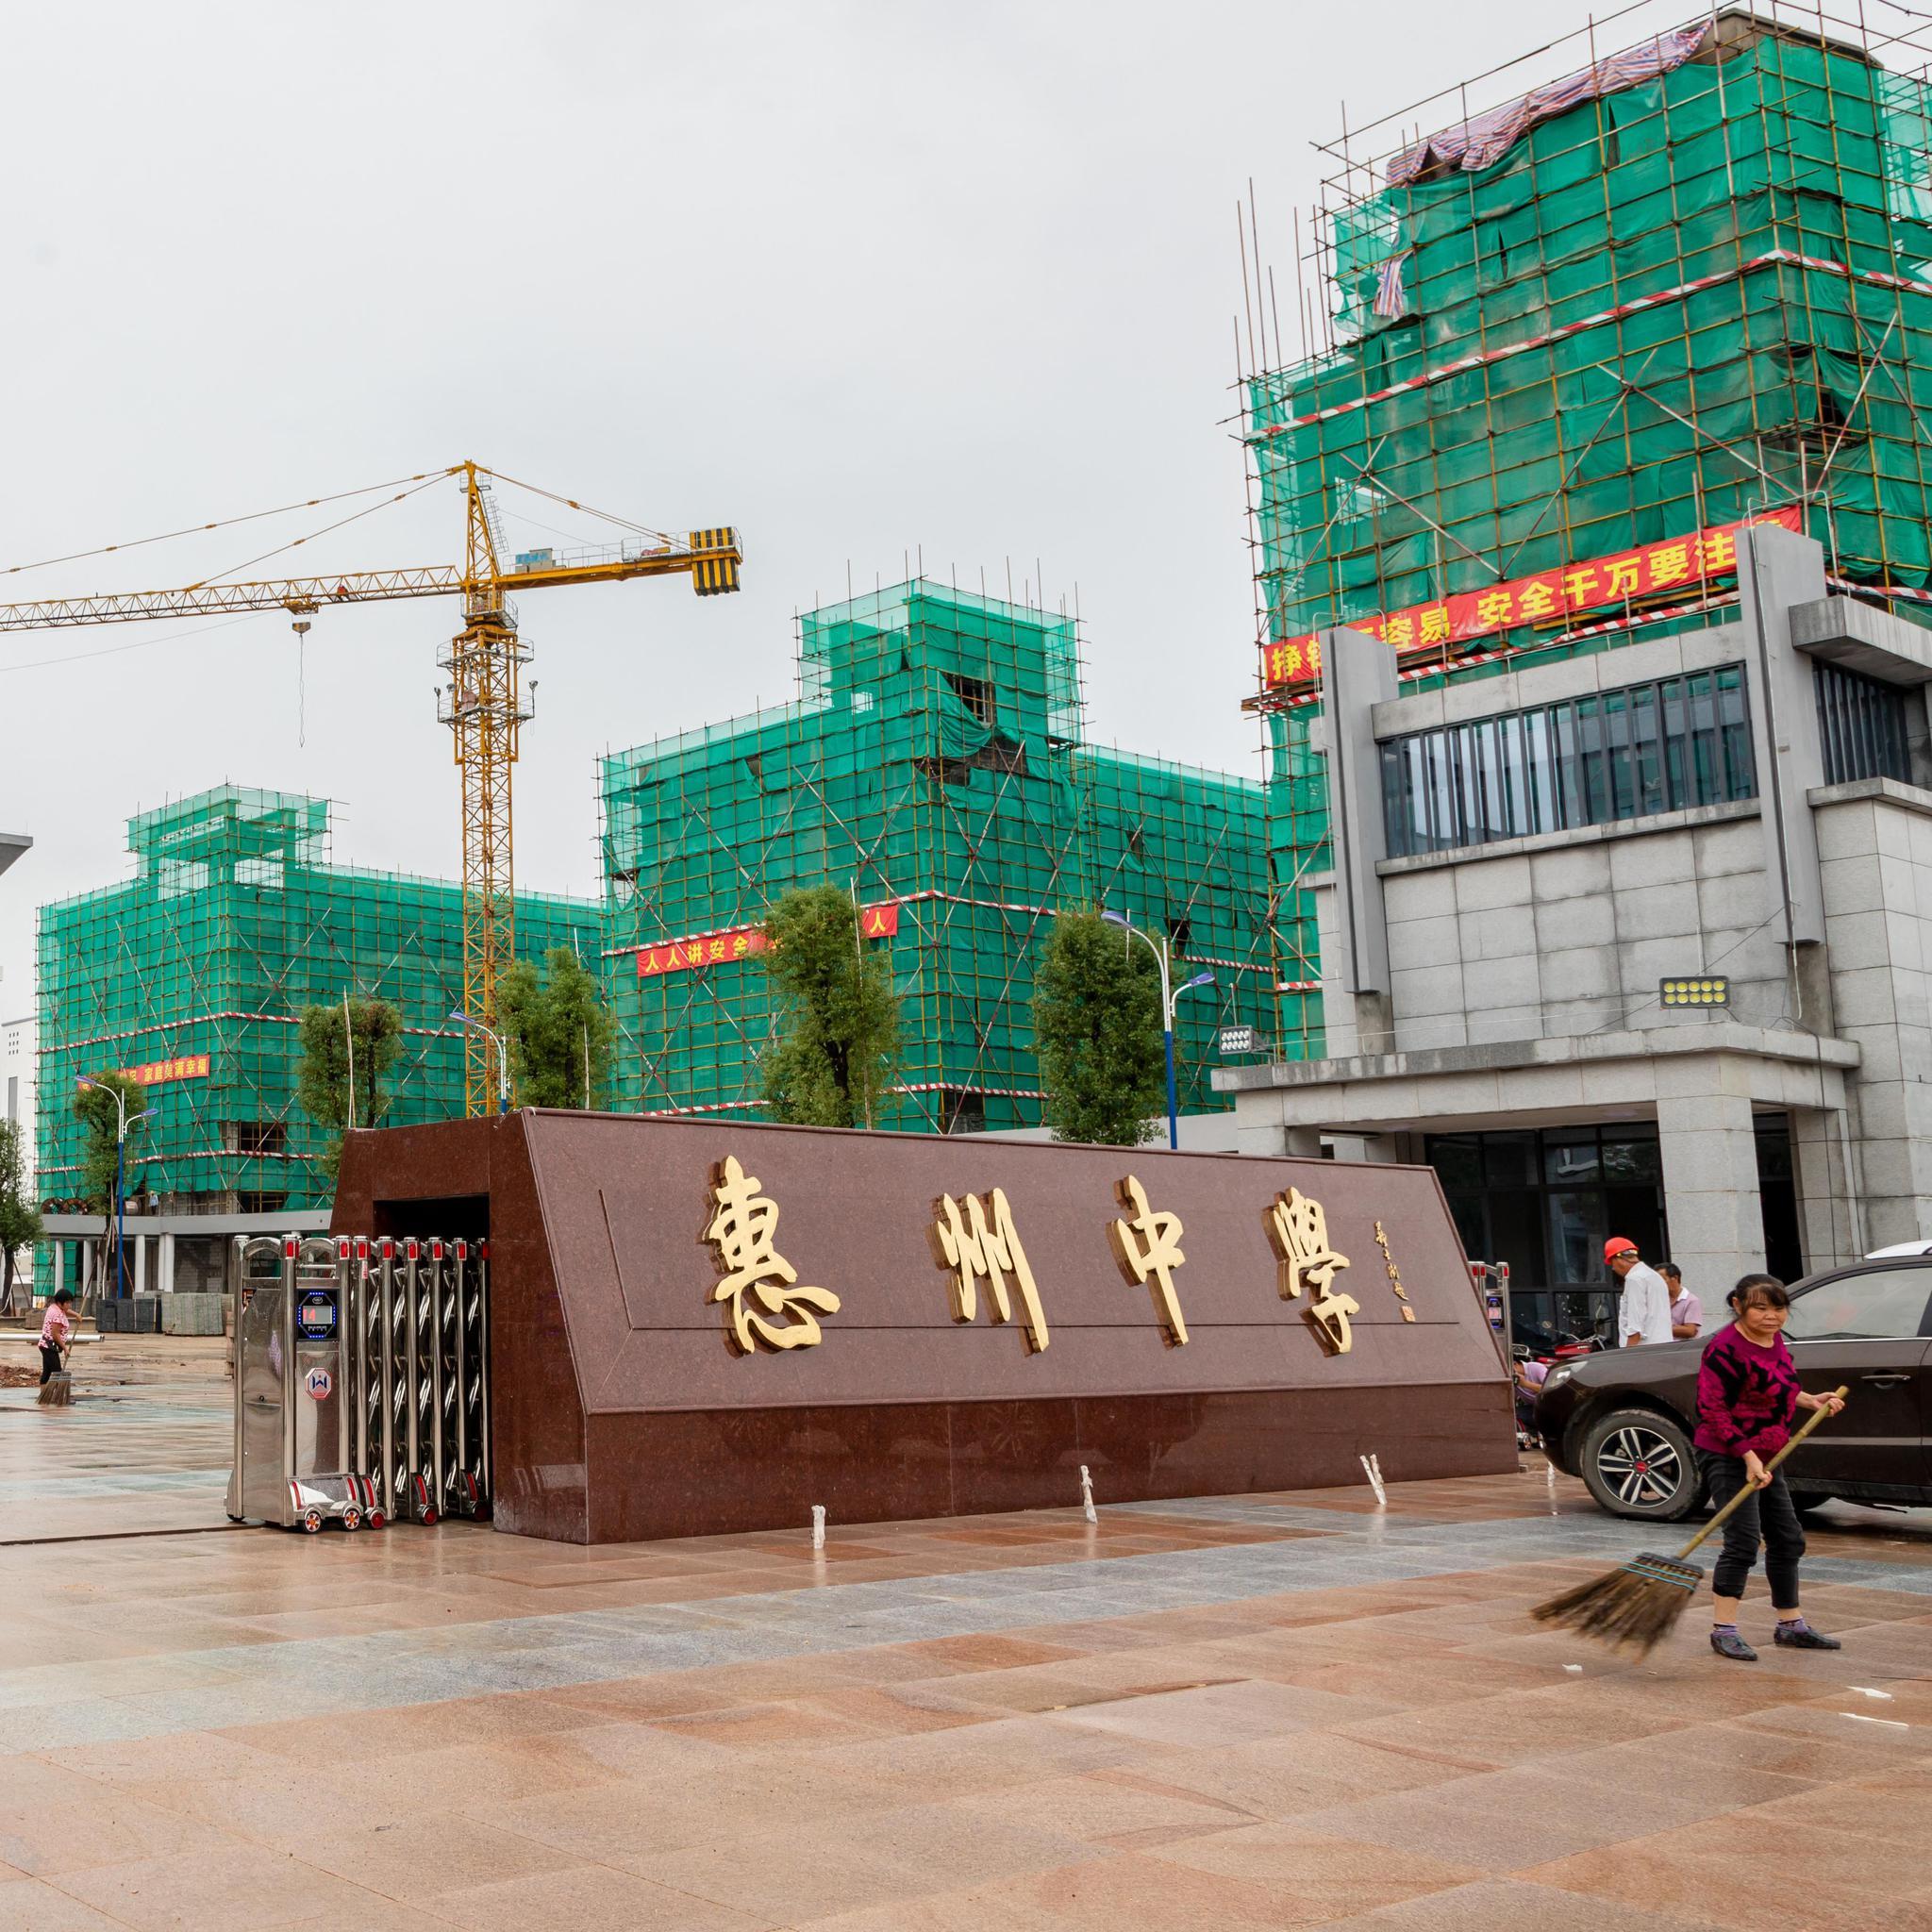 明日开学 惠州中学到底建得怎样?